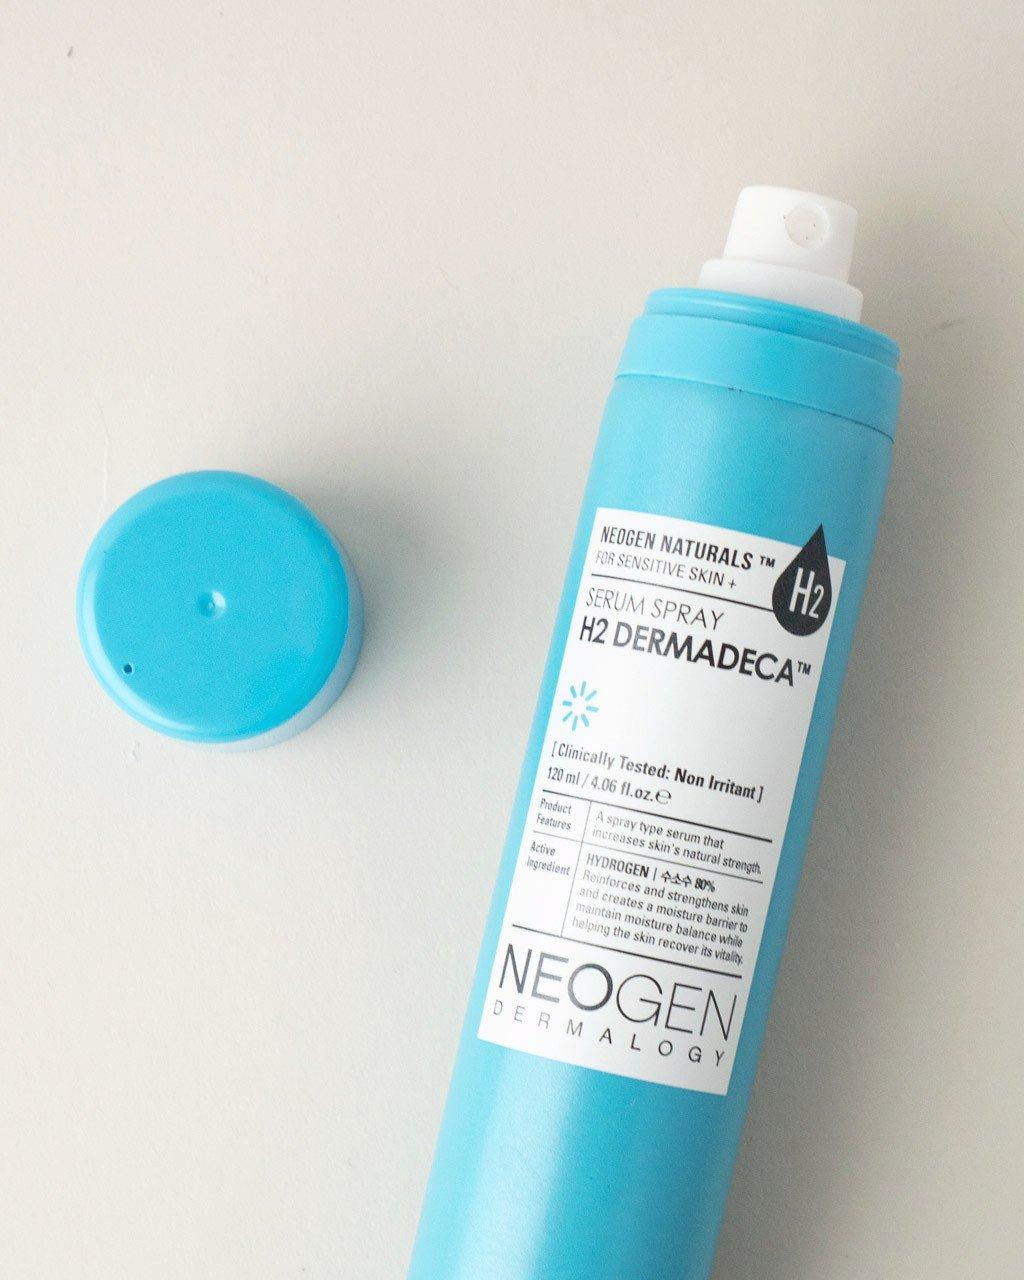 Neogen-H2-Dermadeca-Serum-Spray_2048x.jpg